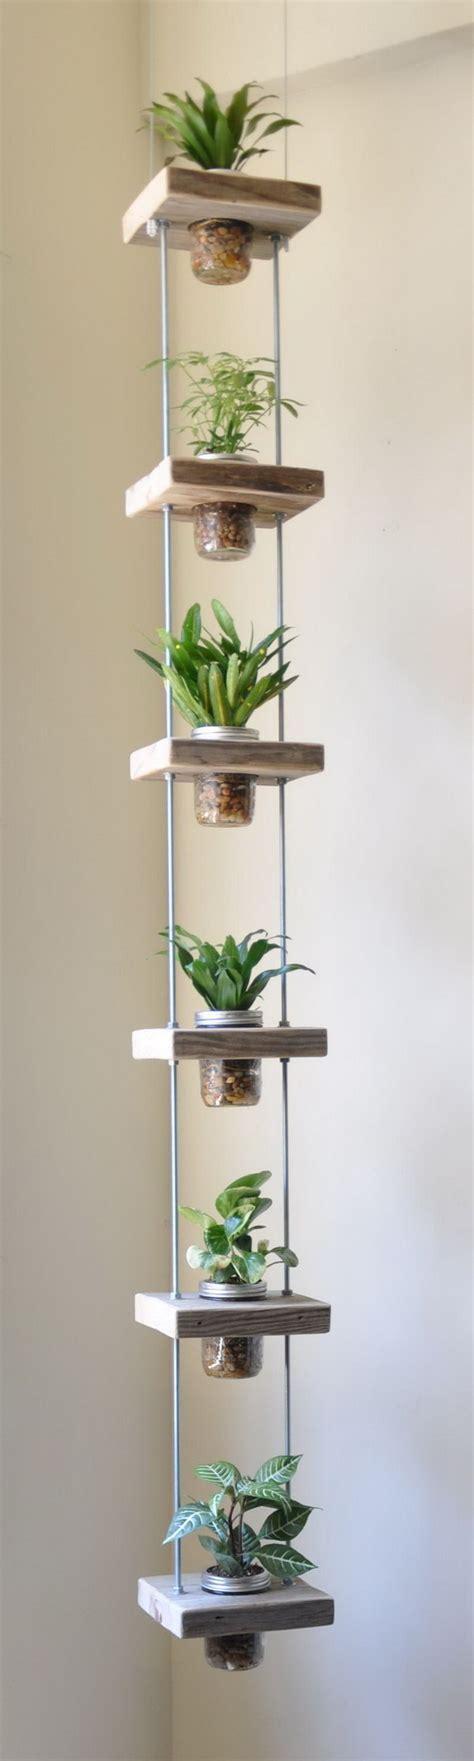 indoor vertical garden 25 cool diy indoor herb garden ideas hative